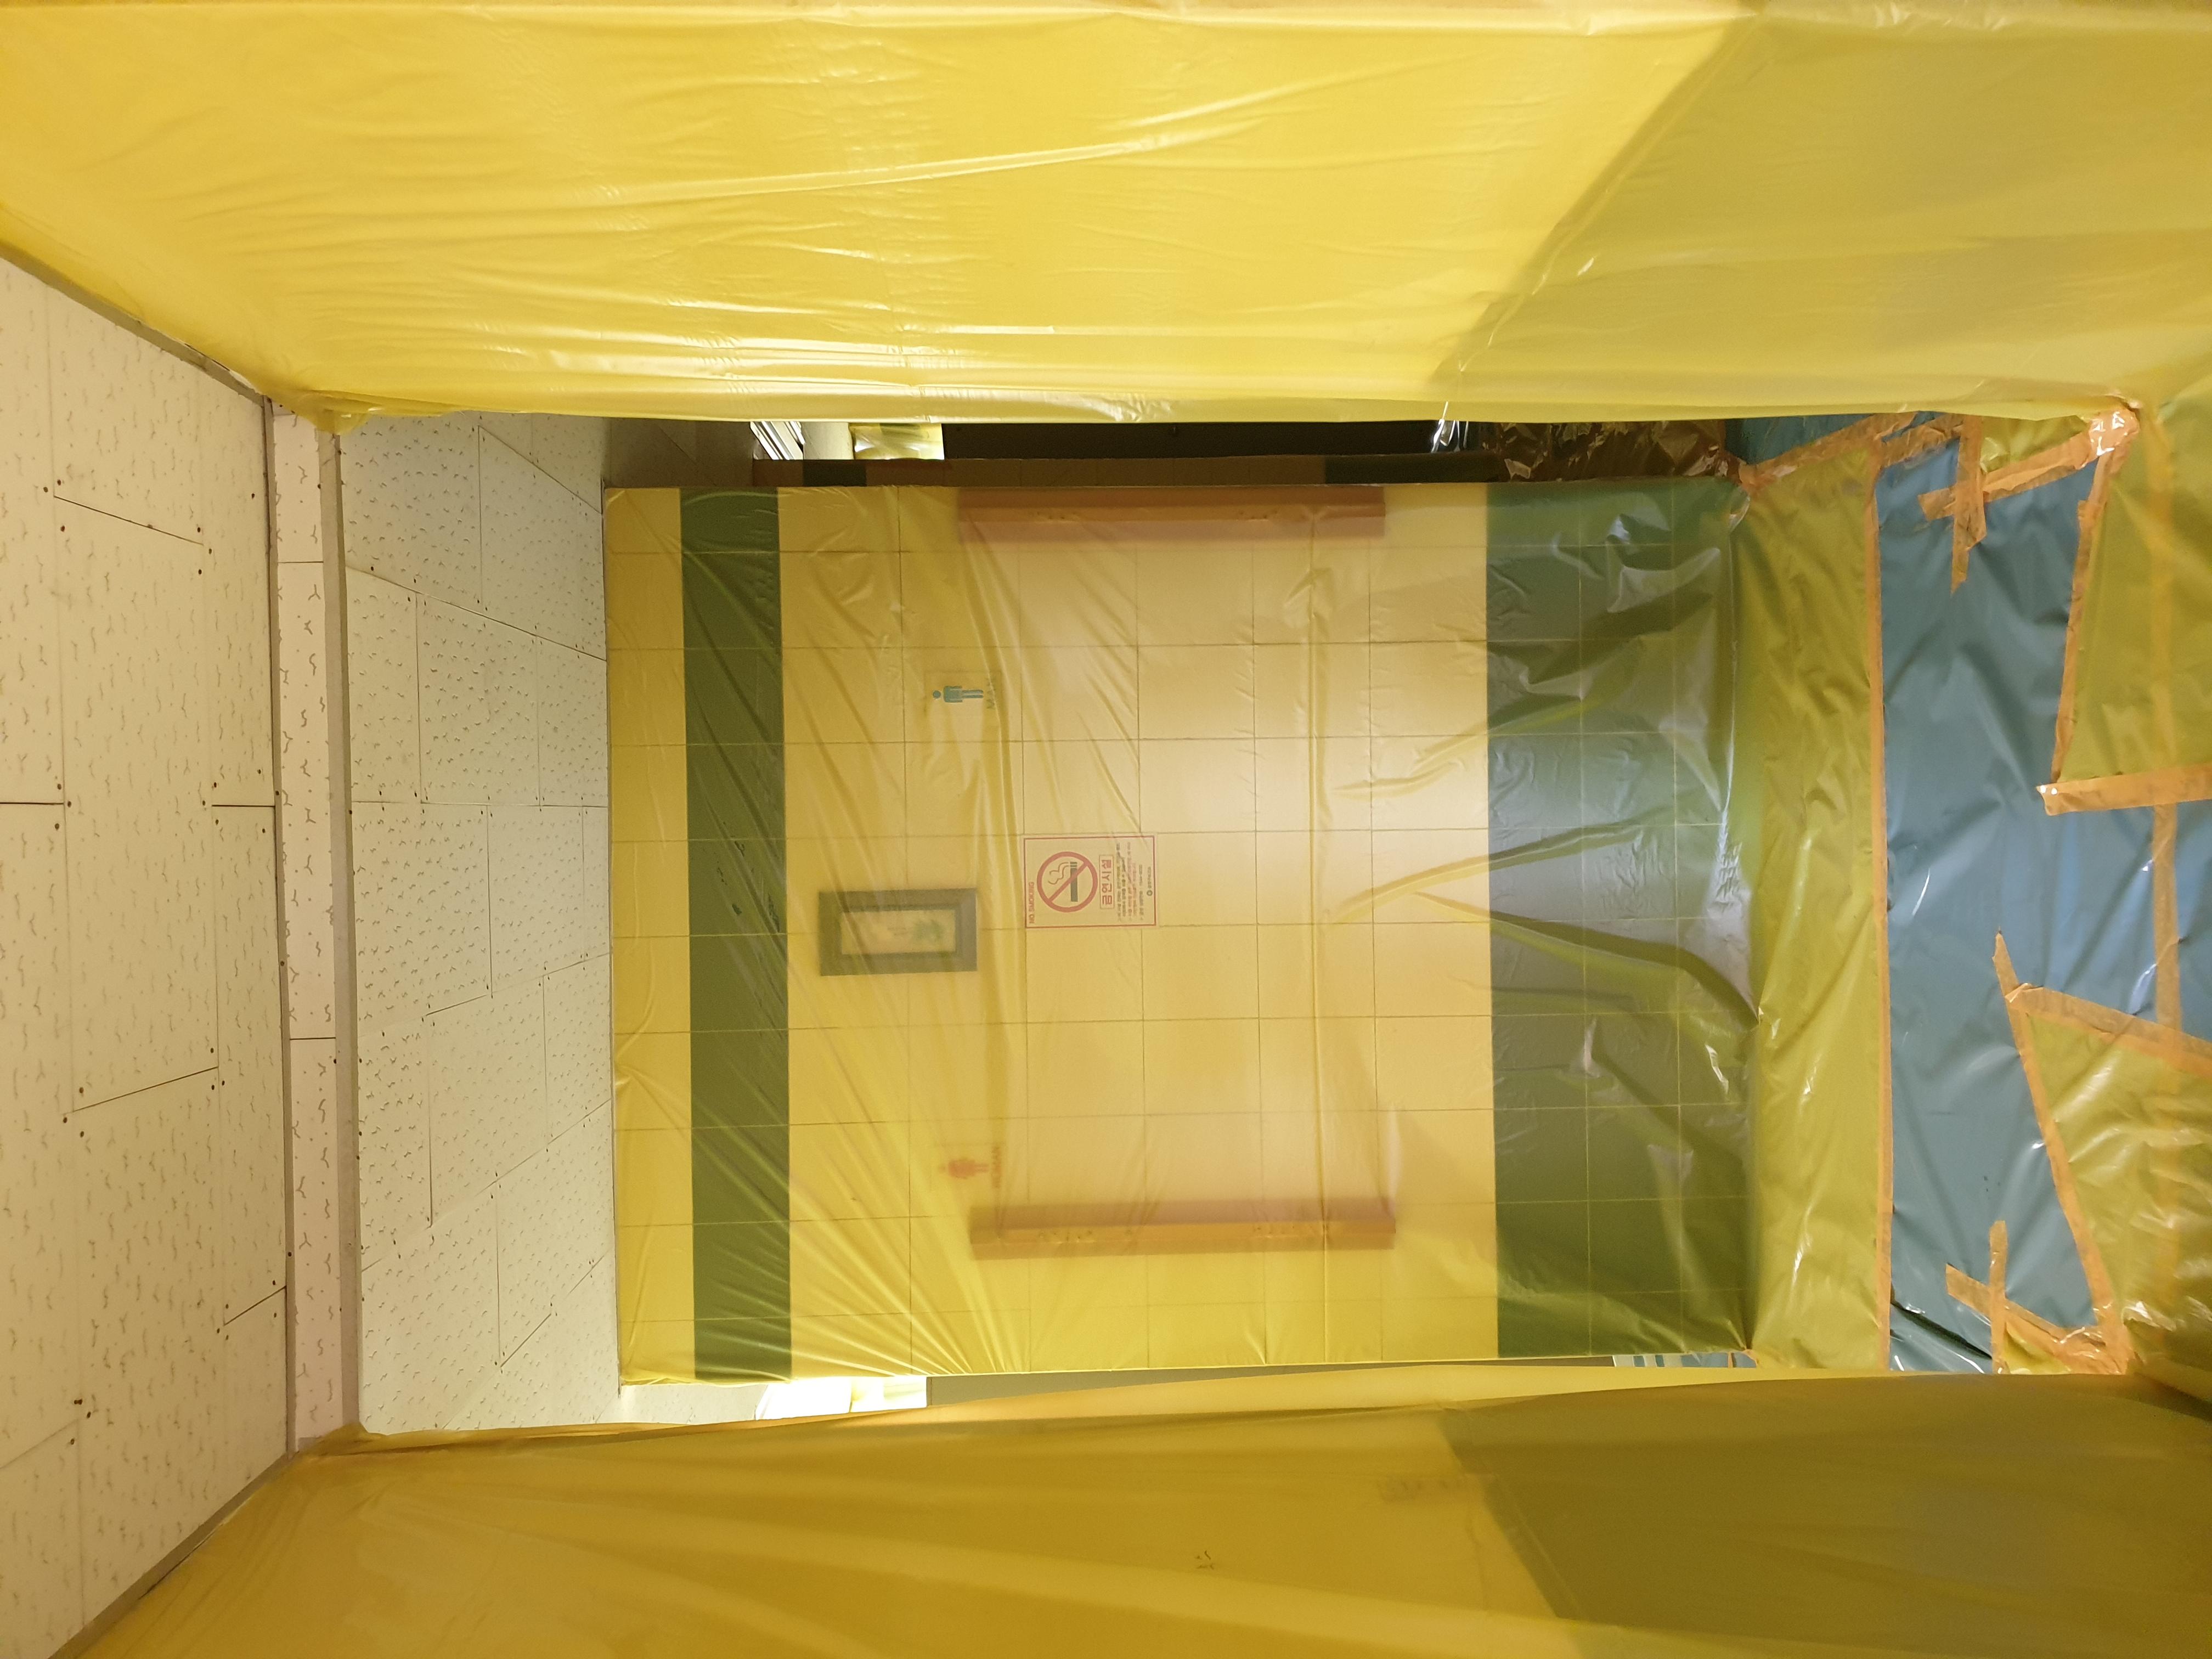 13 번째 사진  에  연면적264.94 ㎡ 브니엘예술고등학교 화장실 밤라이트, 석면텍스 해체 작업